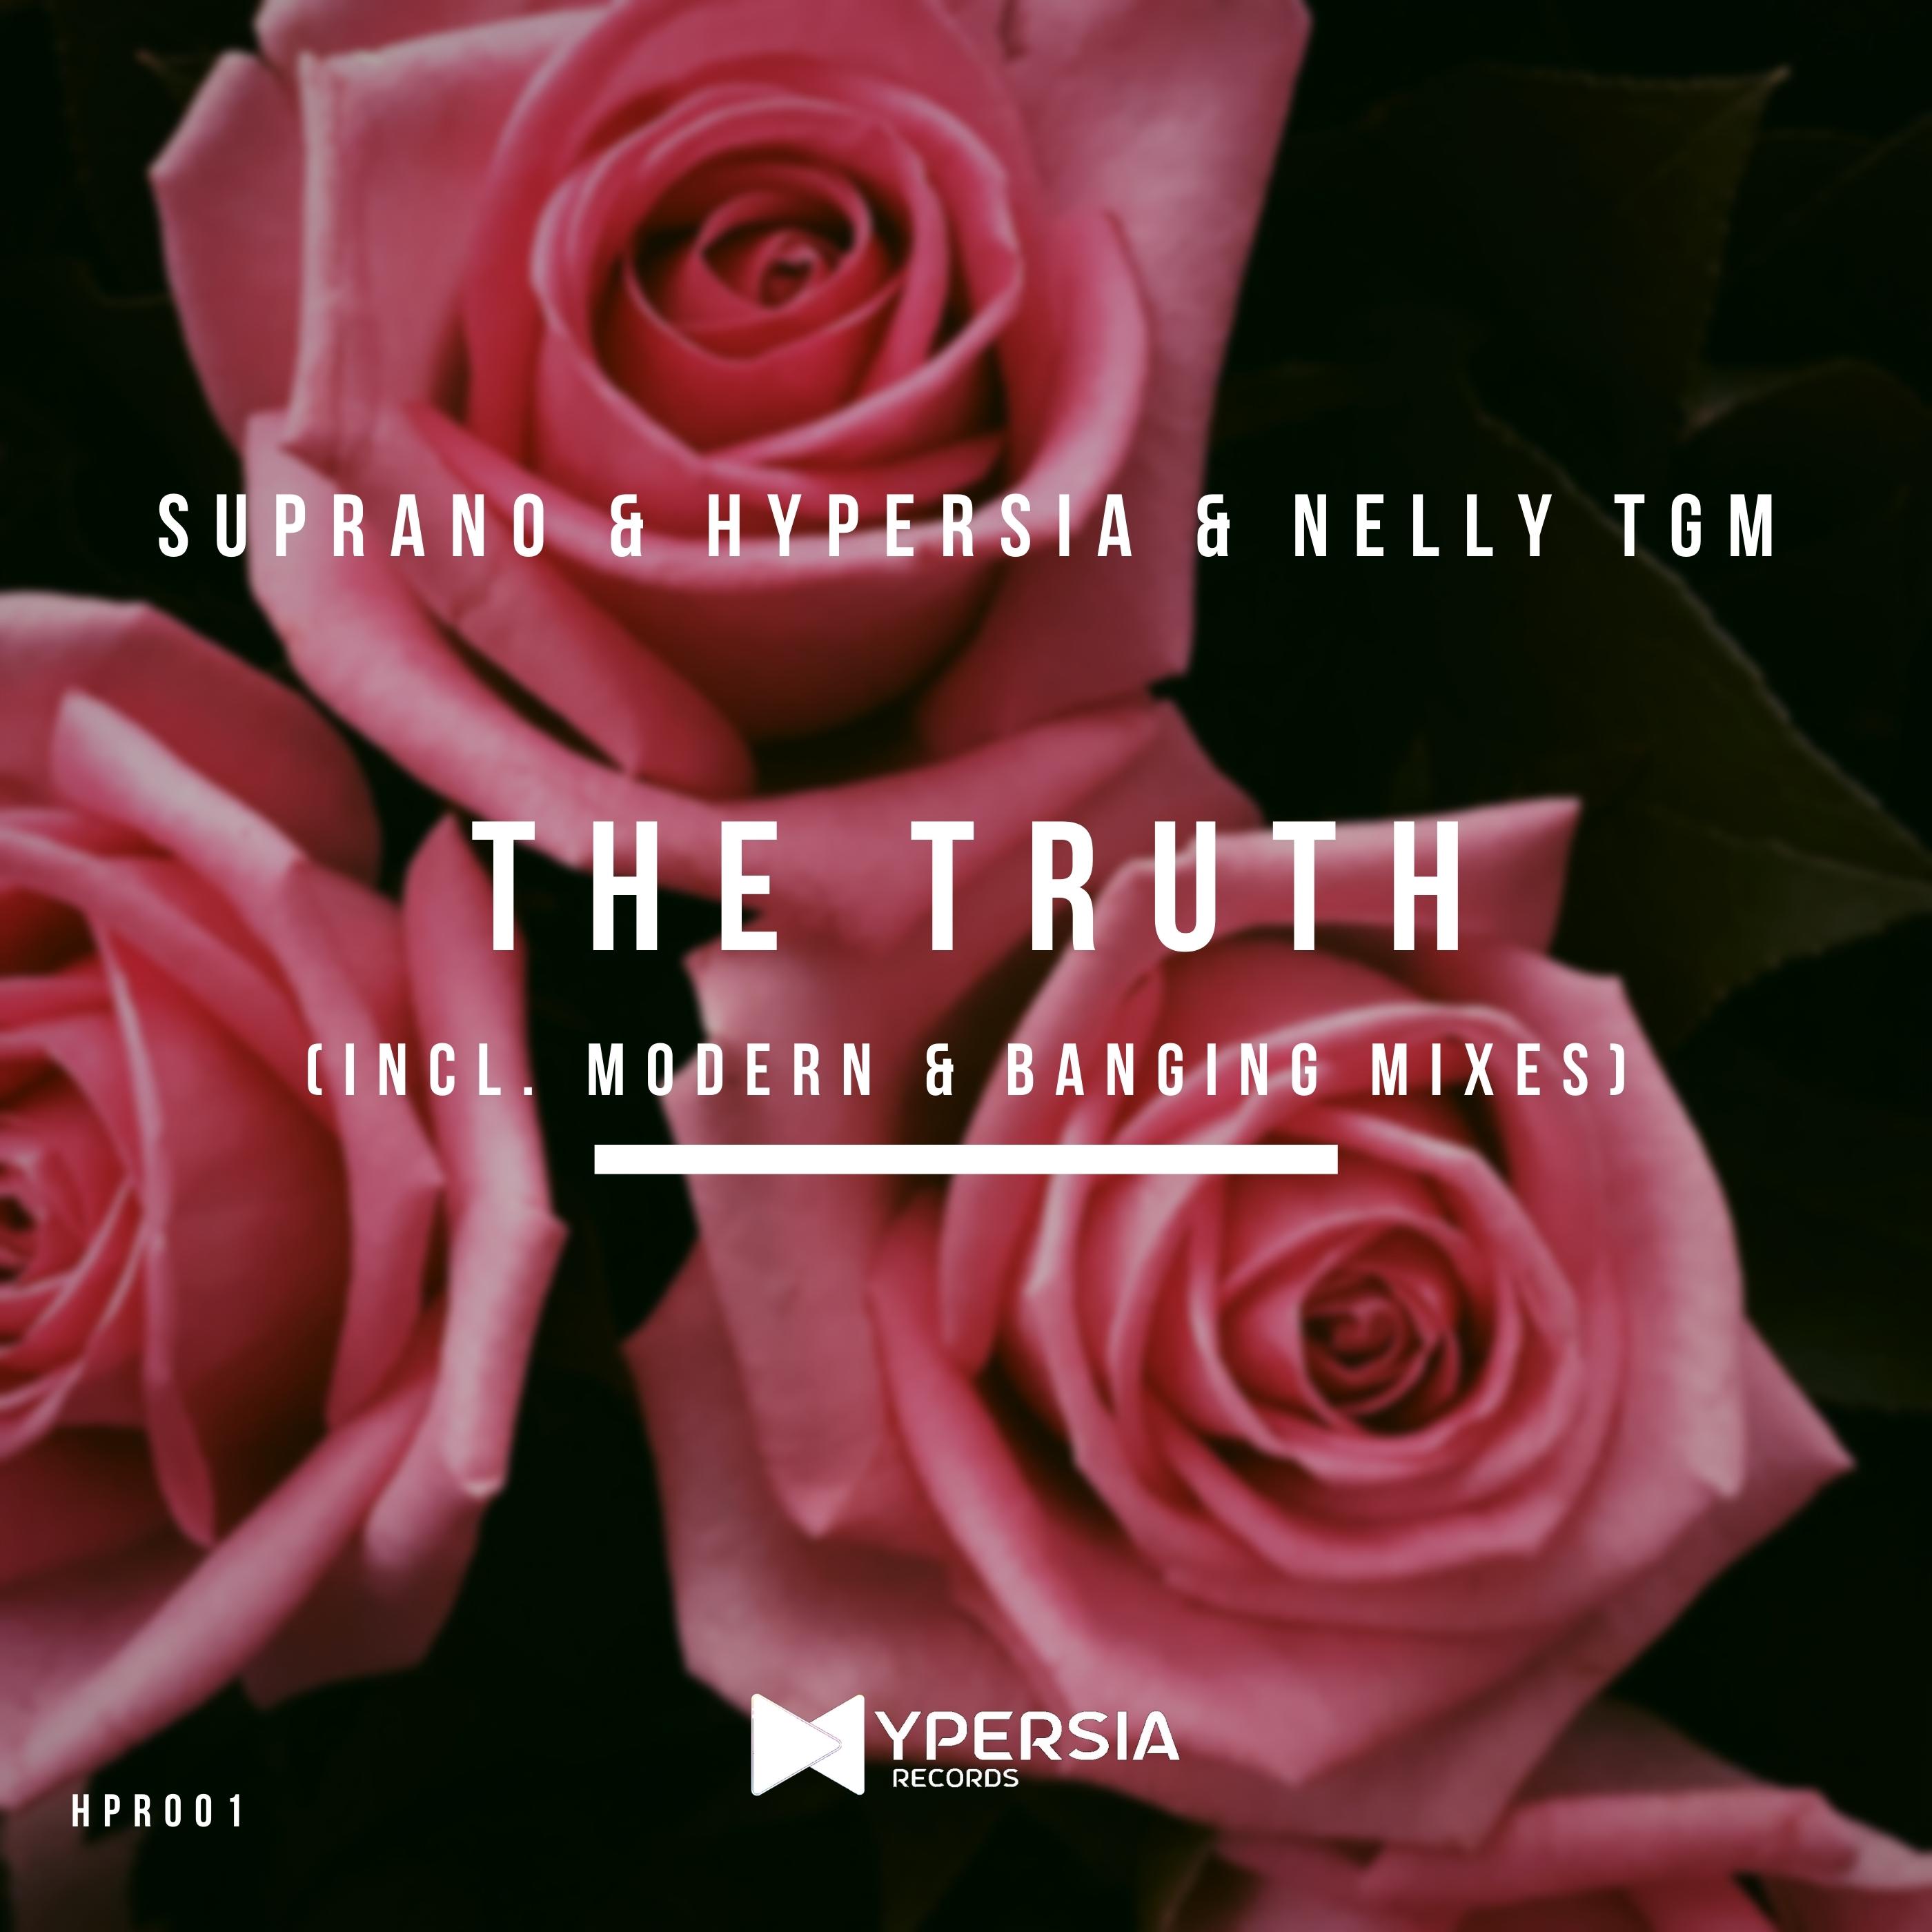 Suprano &Hypersia & Nelly TGM-The Truth